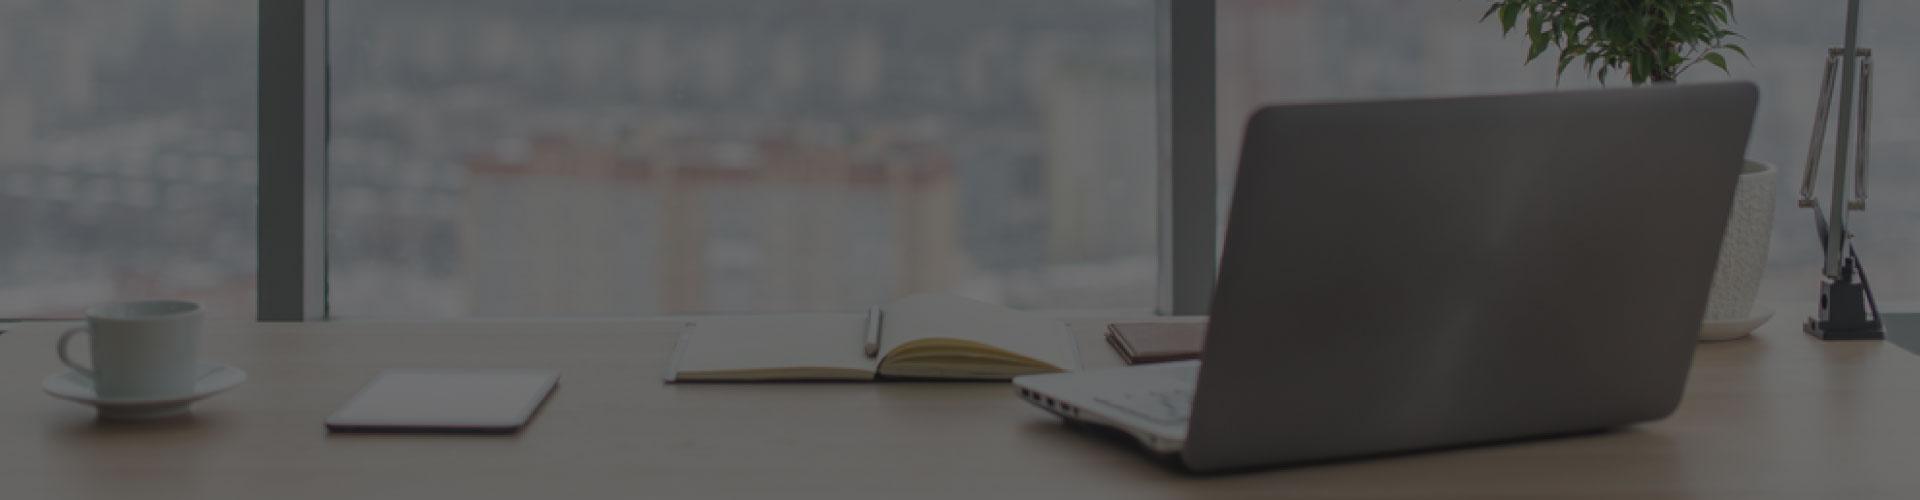 las mejores oficinas virtuales madrid